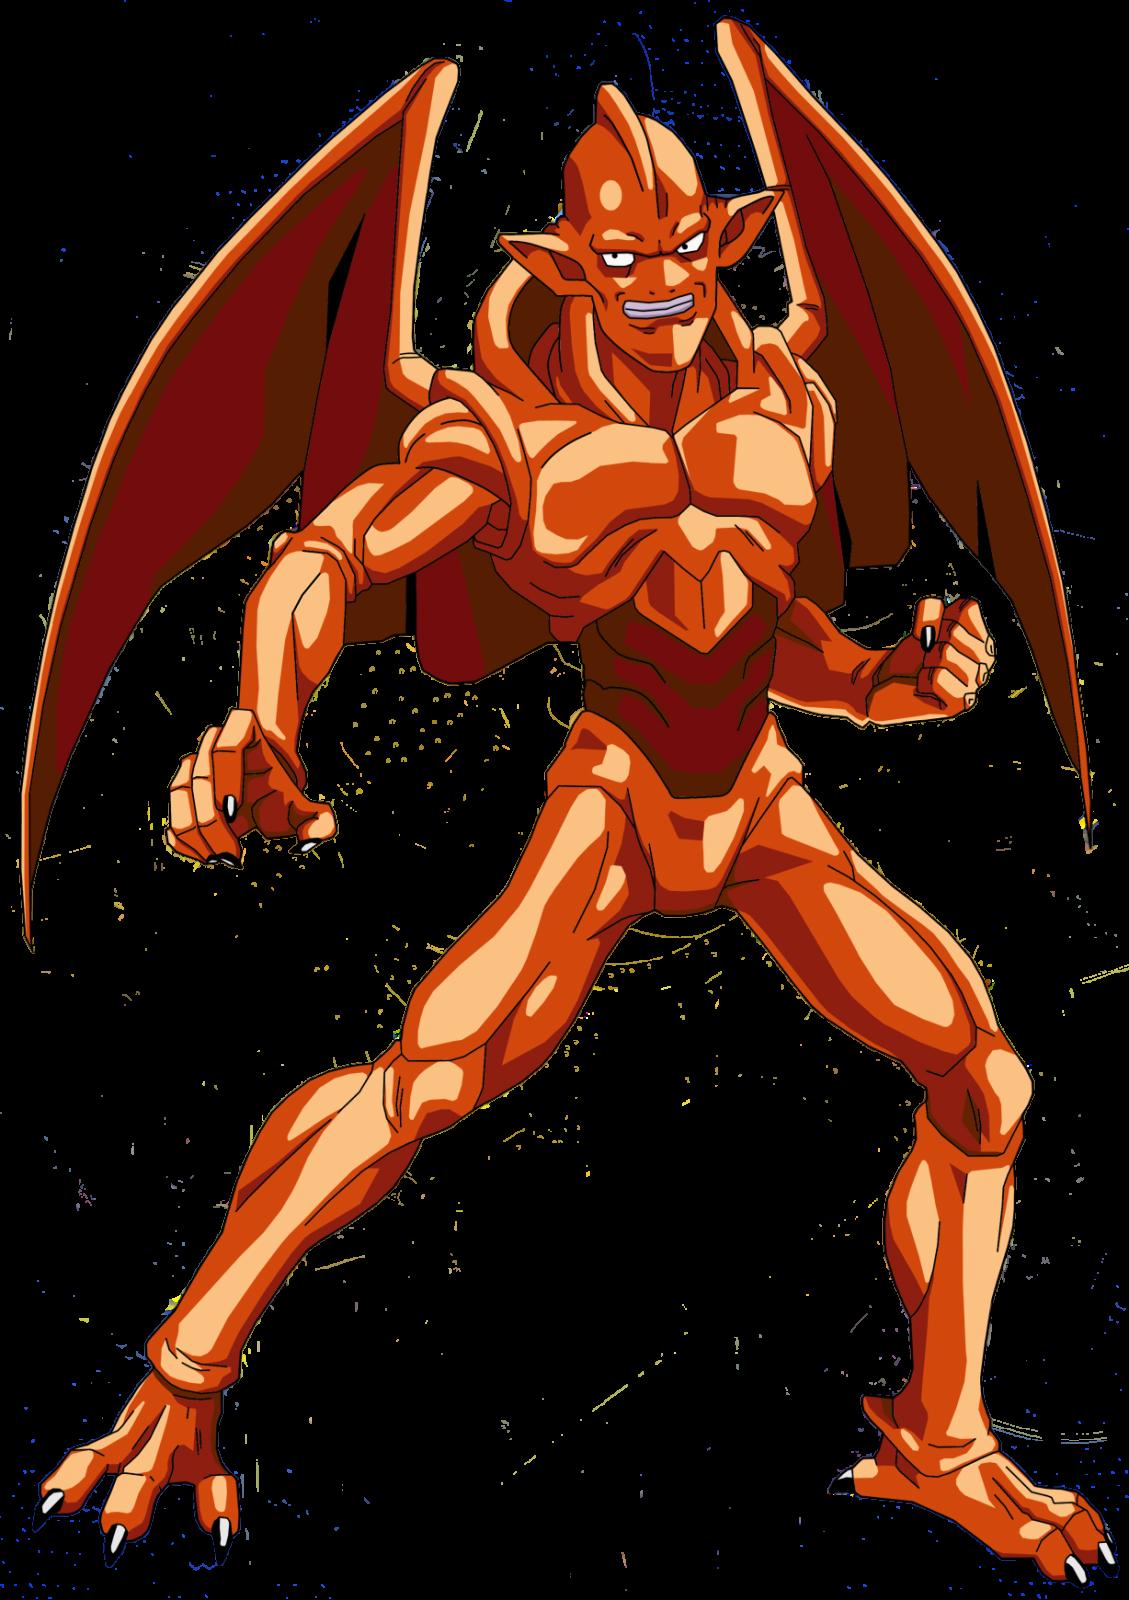 [model sin amxx ] dragon de 4 estrellas by nico Euotpc